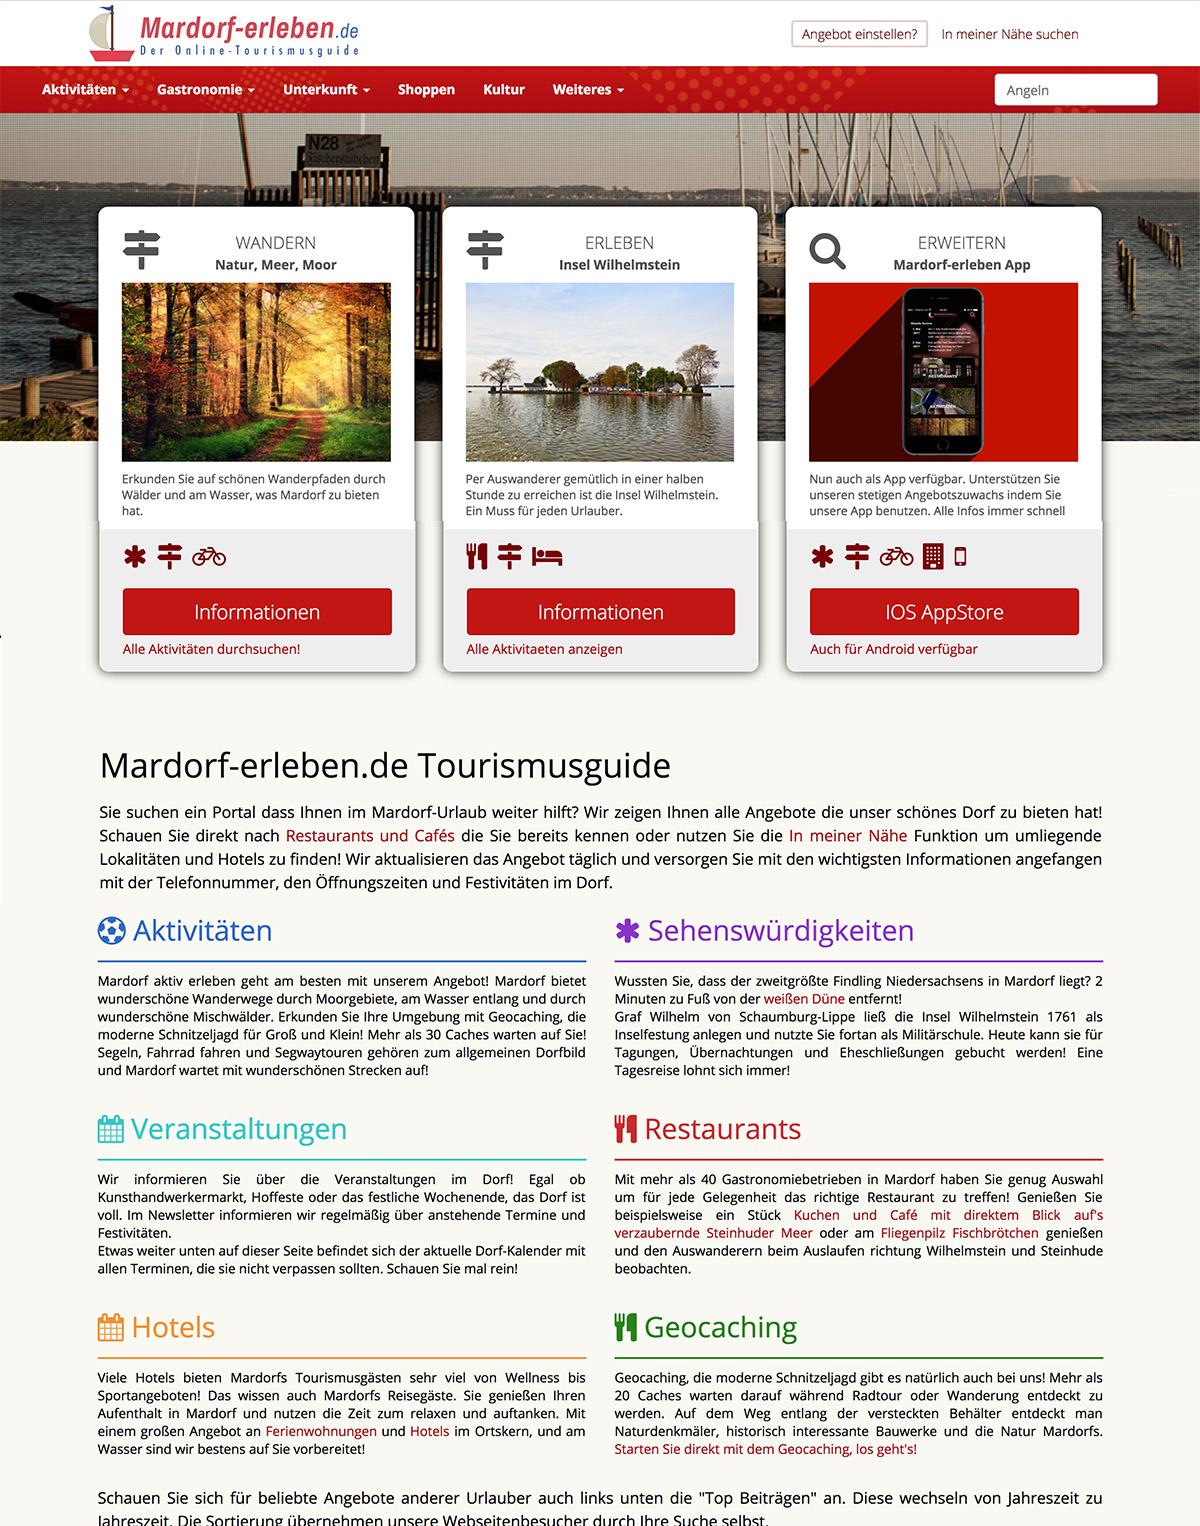 Mardorf-erleben.de Der Tourismusguide für Mardorf